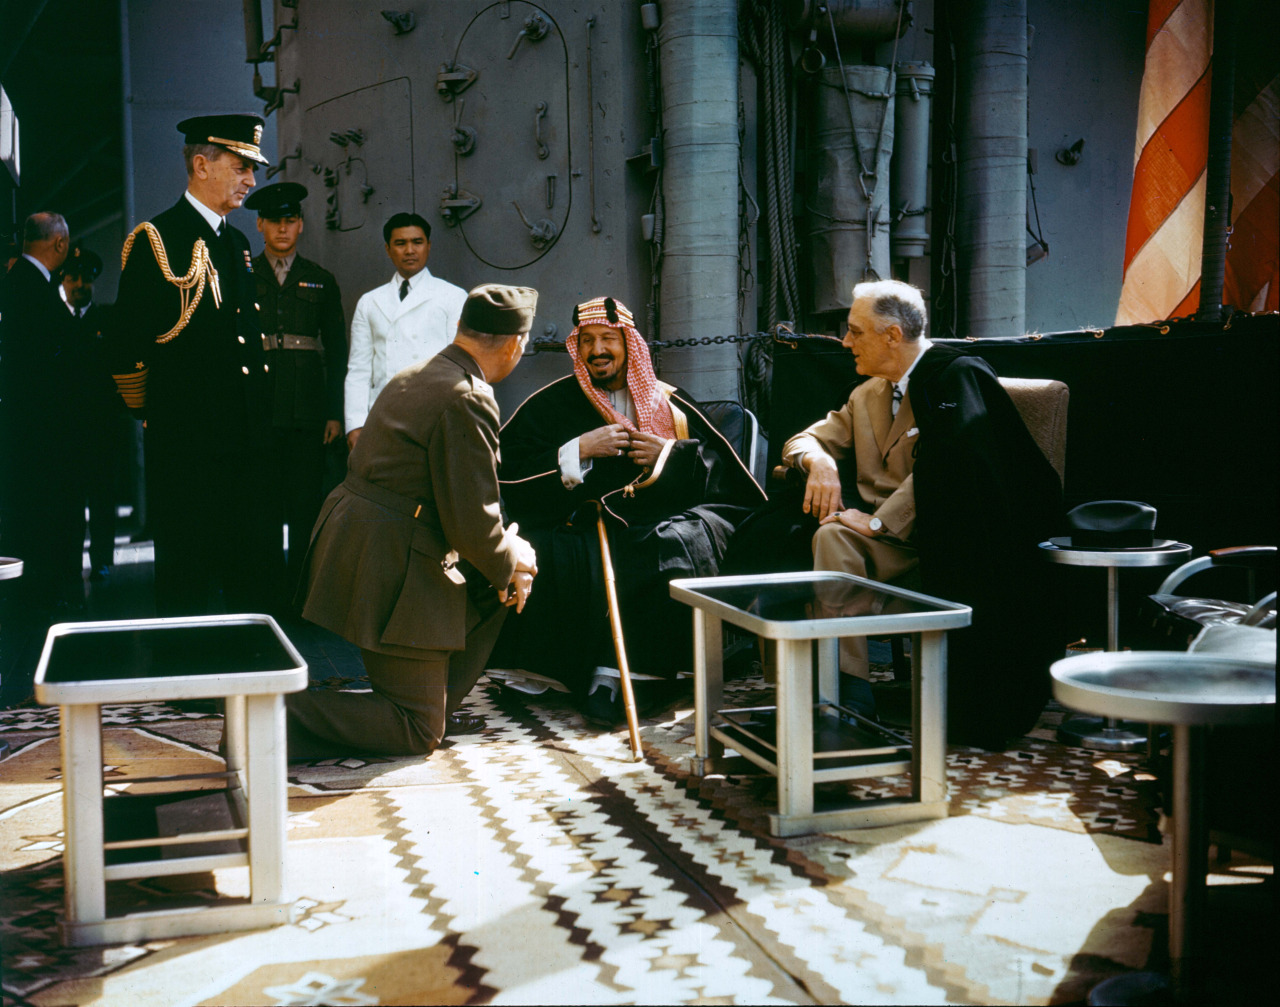 Абдул-Азиз Аль Сауд разговаривает с президентом США Франклином Д. Рузвельтом (справа) на борту крейсера «Куинси». 14 февраля 1945 года